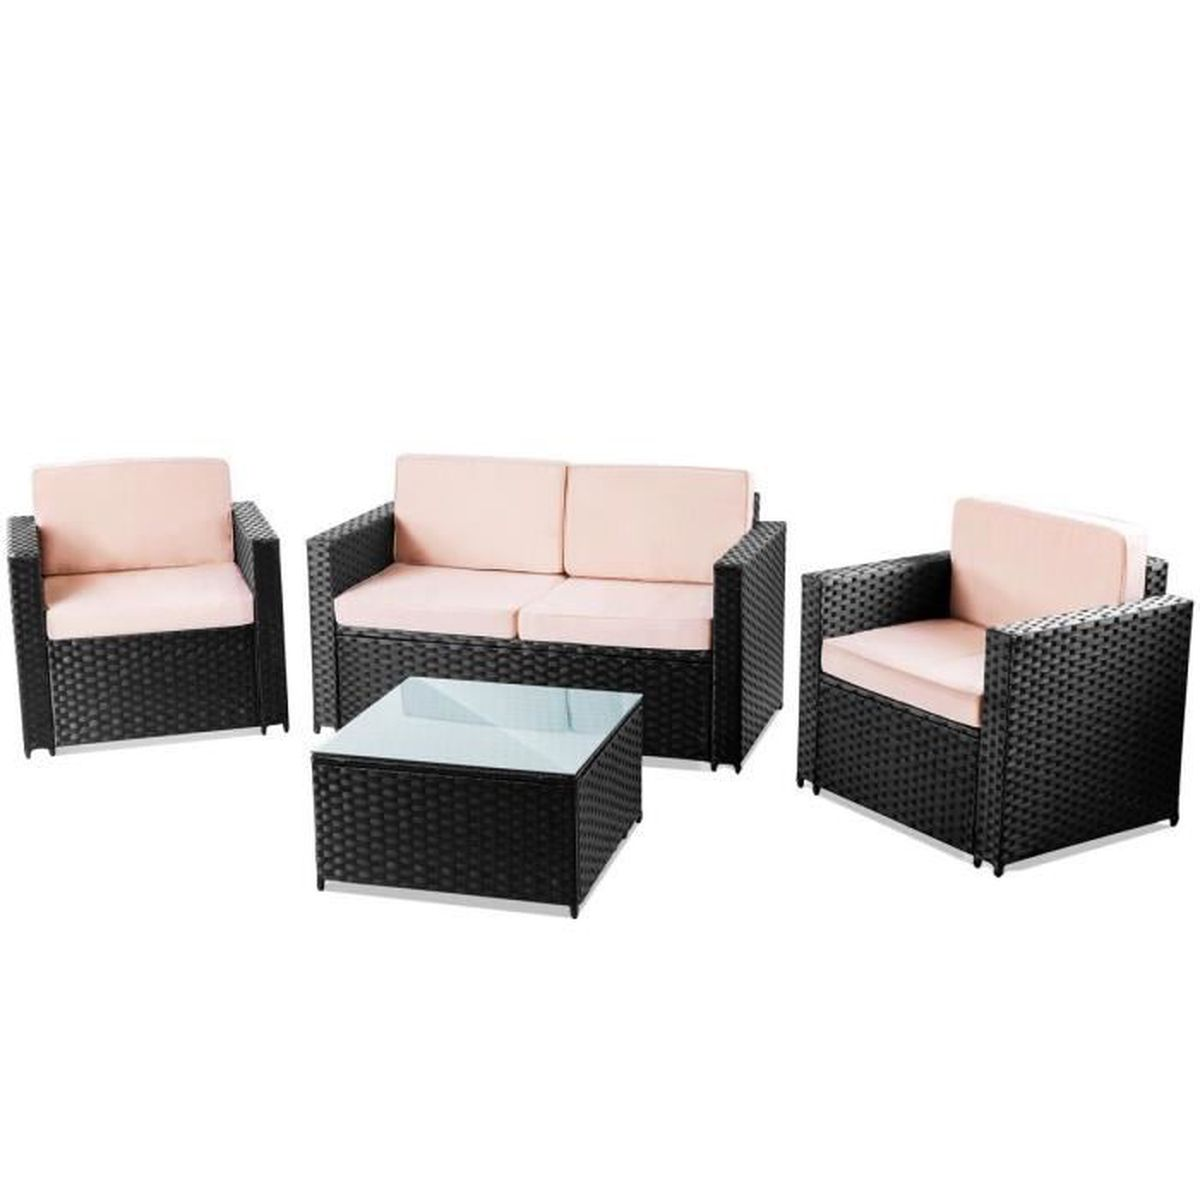 Set mobilier jardin terrasse MESSINA 4pc canapé ratan ...